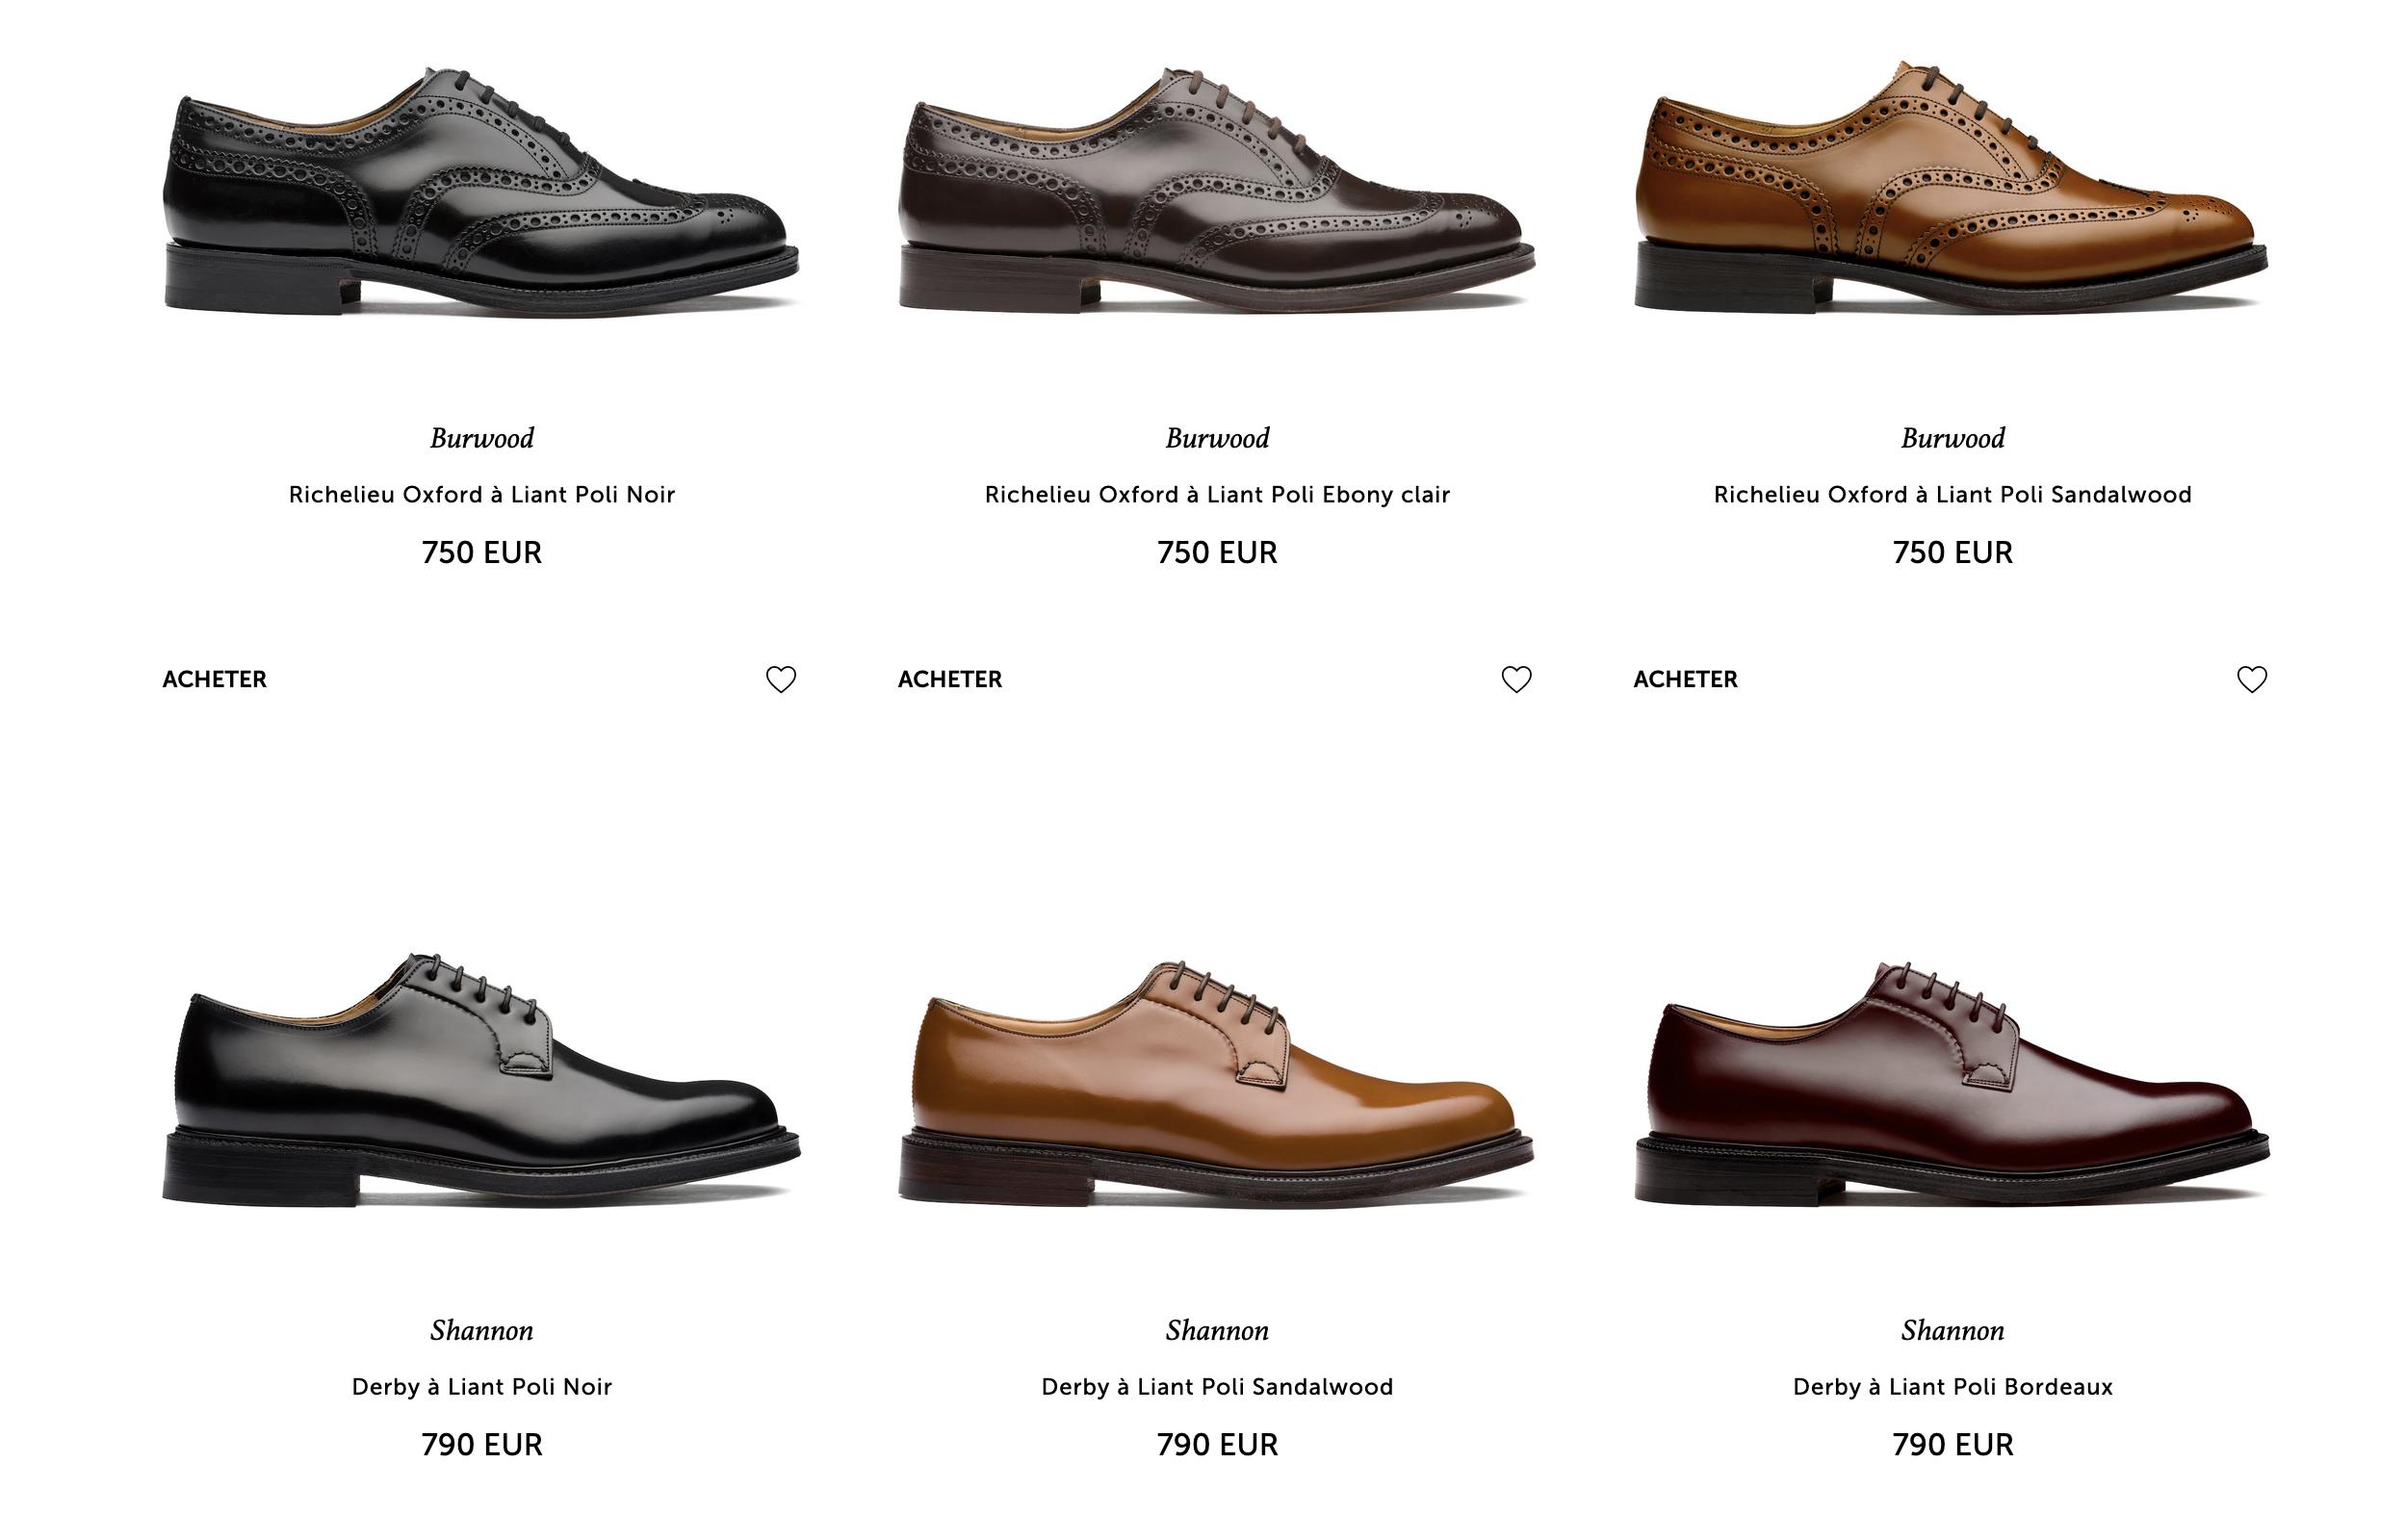 Alors que la gamme actuelle est composée massivement de chaussures en cuir bookbinder… pardon, à liant poli, pour utiliser l'expression maison. Faire toujours plus de Shekel semble être l'unique préoccupation de la marque. (Source: Church's )